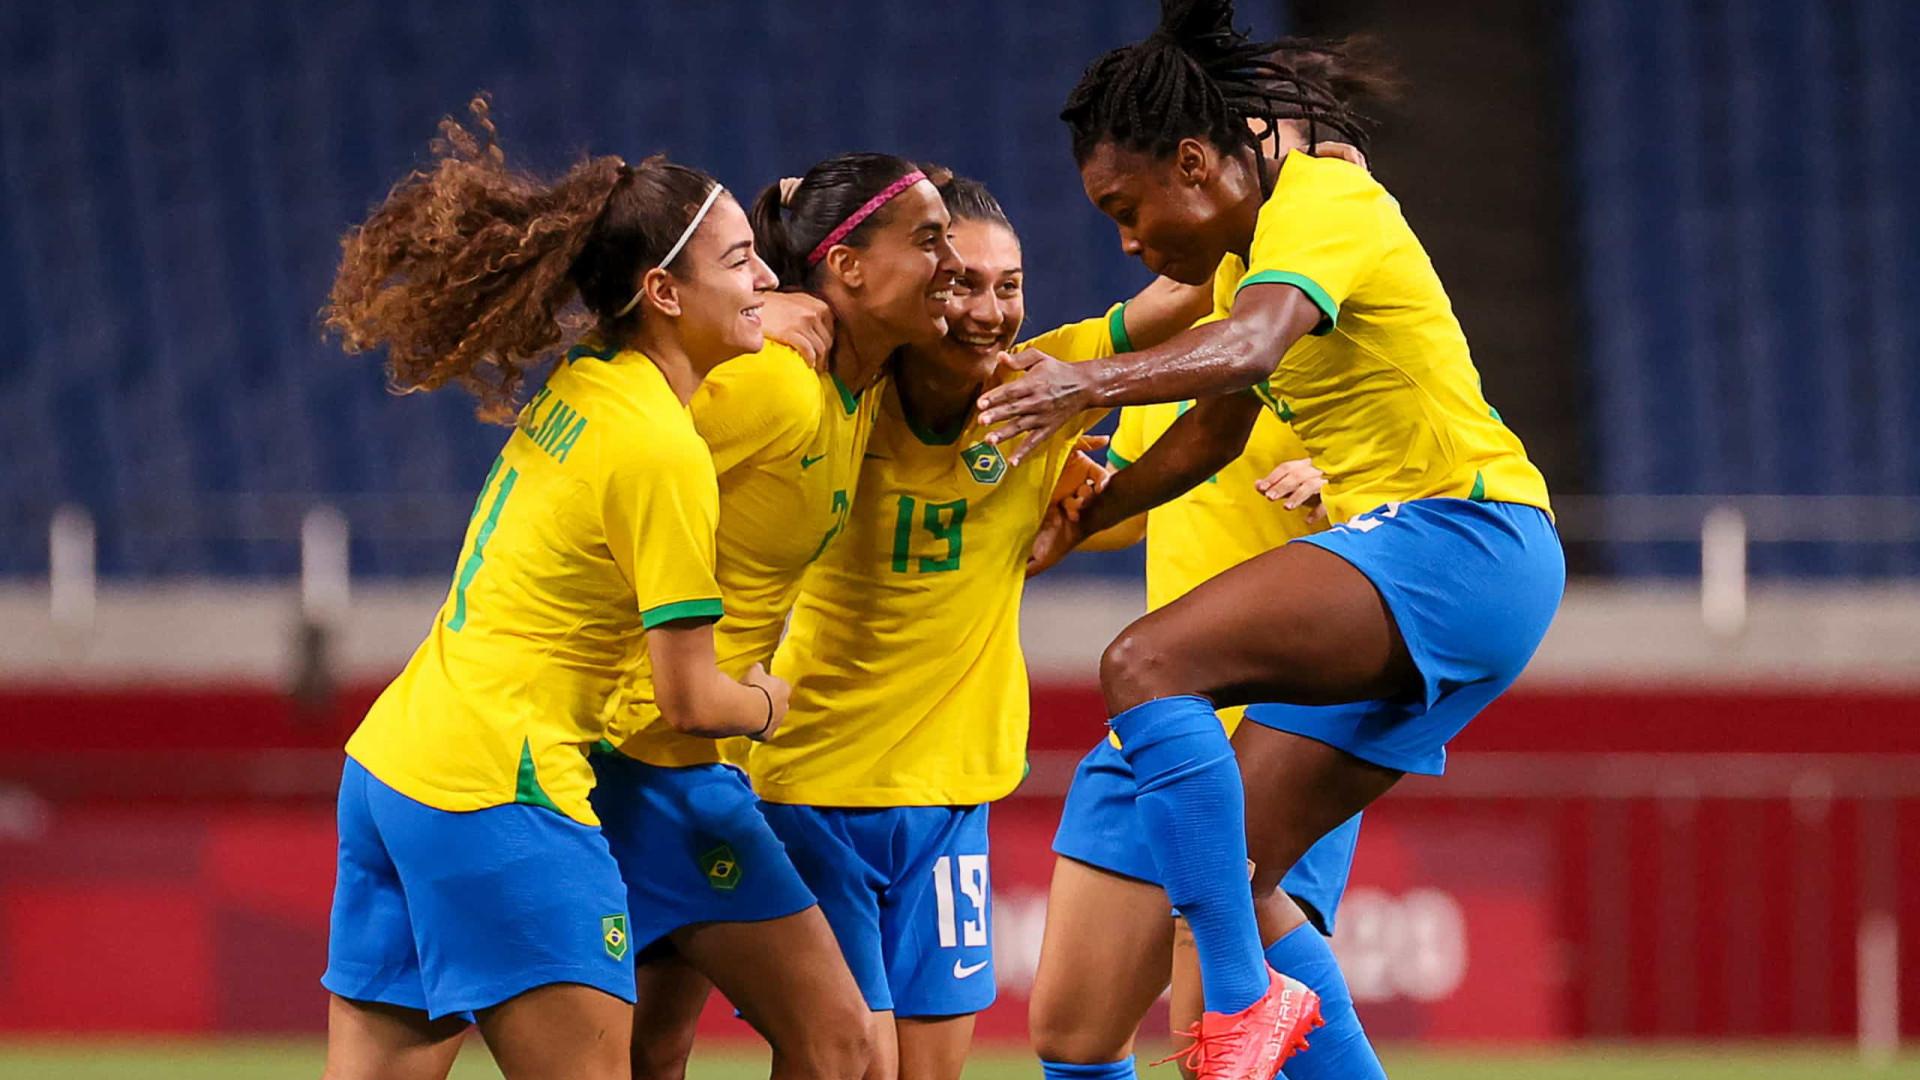 Brasil vence a Zâmbia, avança em 2º e enfrenta o Canadá nas quartas